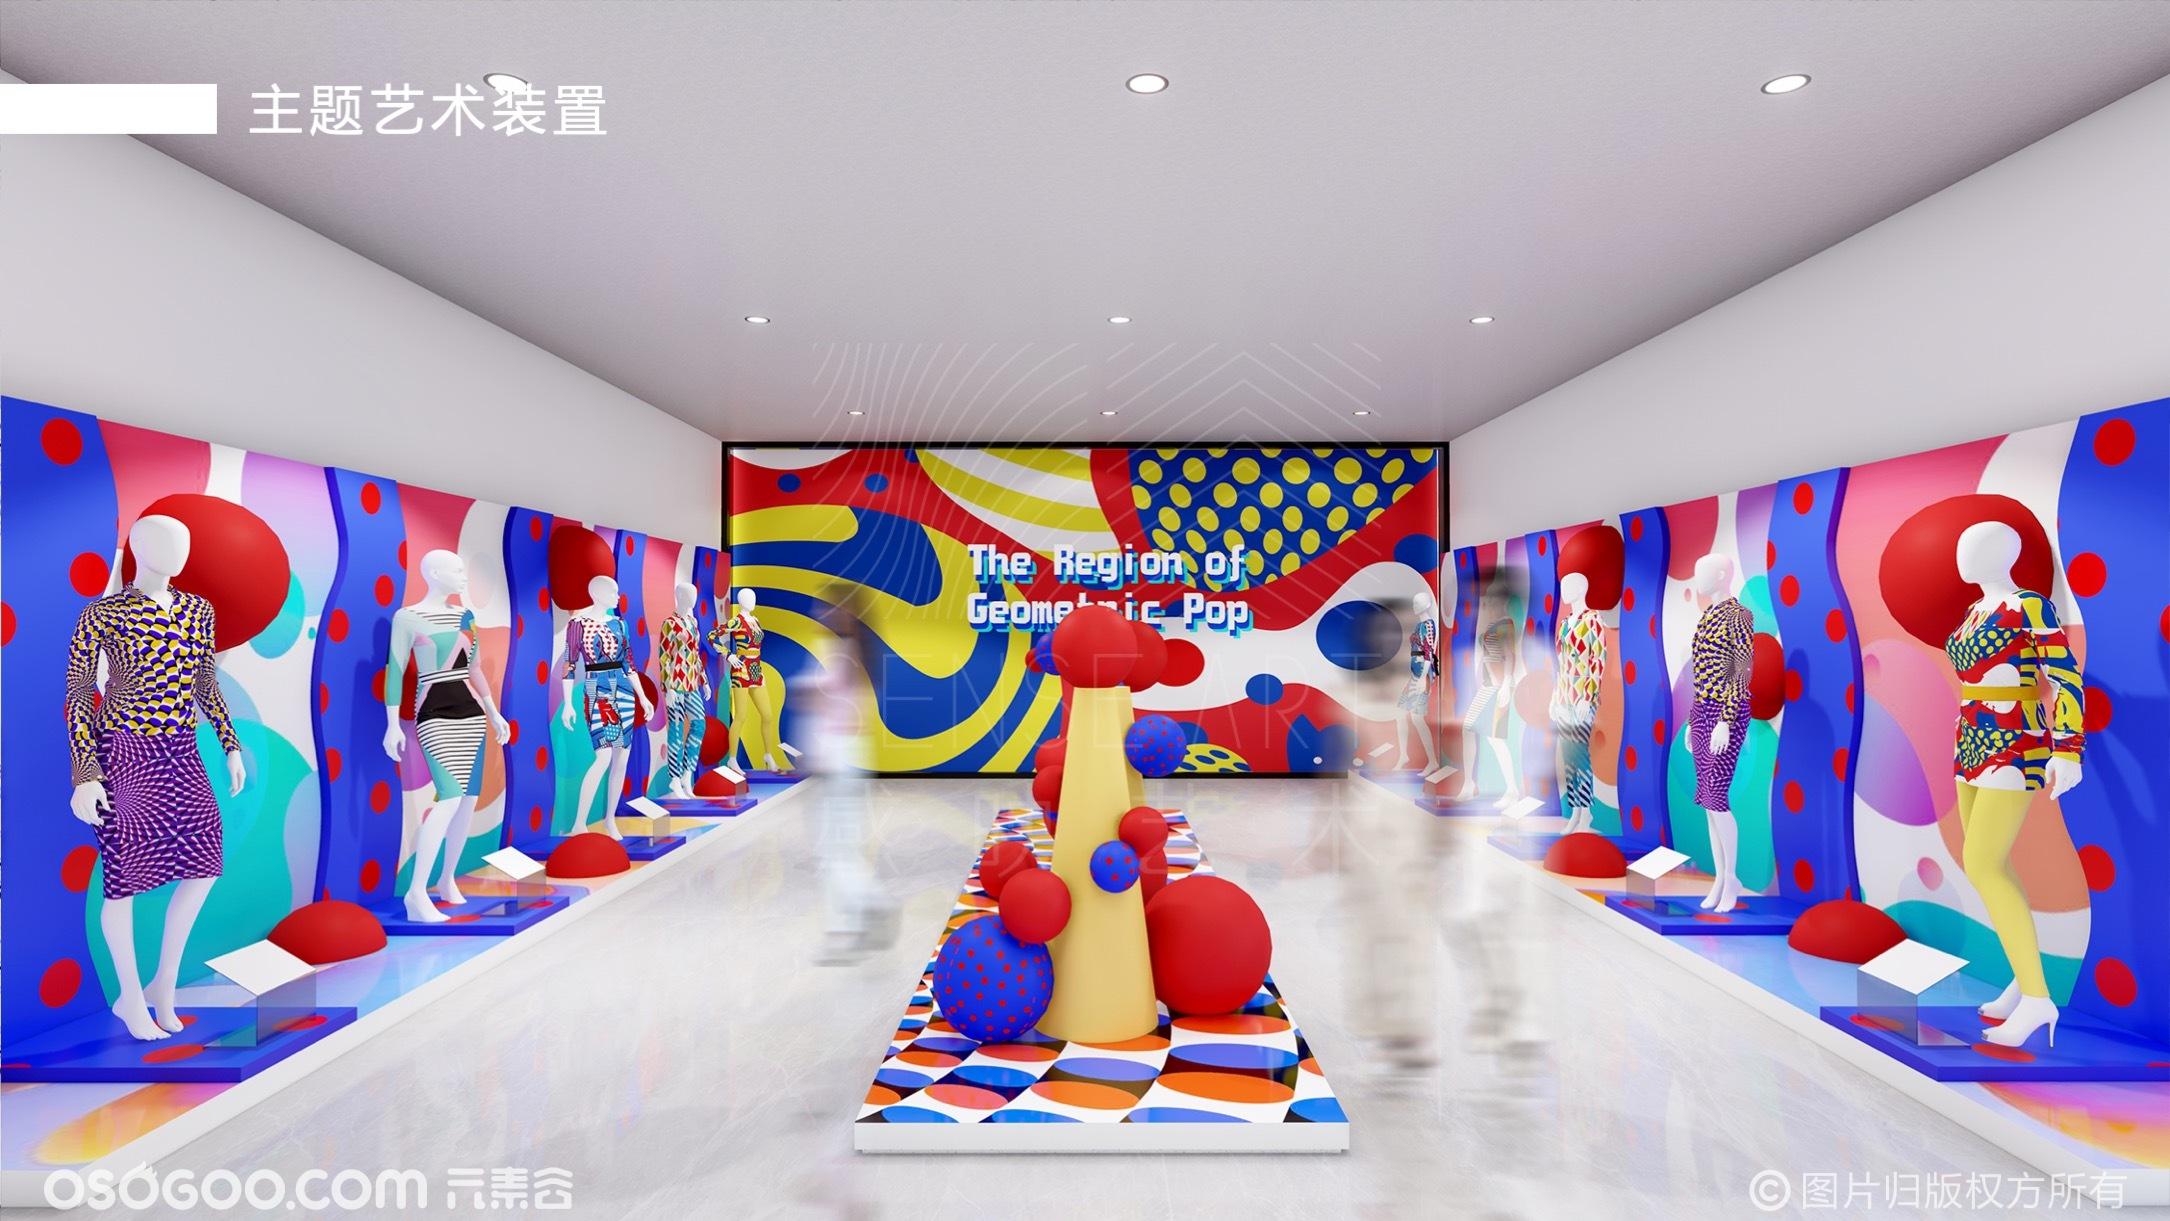 【波普色界】几何波普风潮时尚艺术展—感映艺术出品